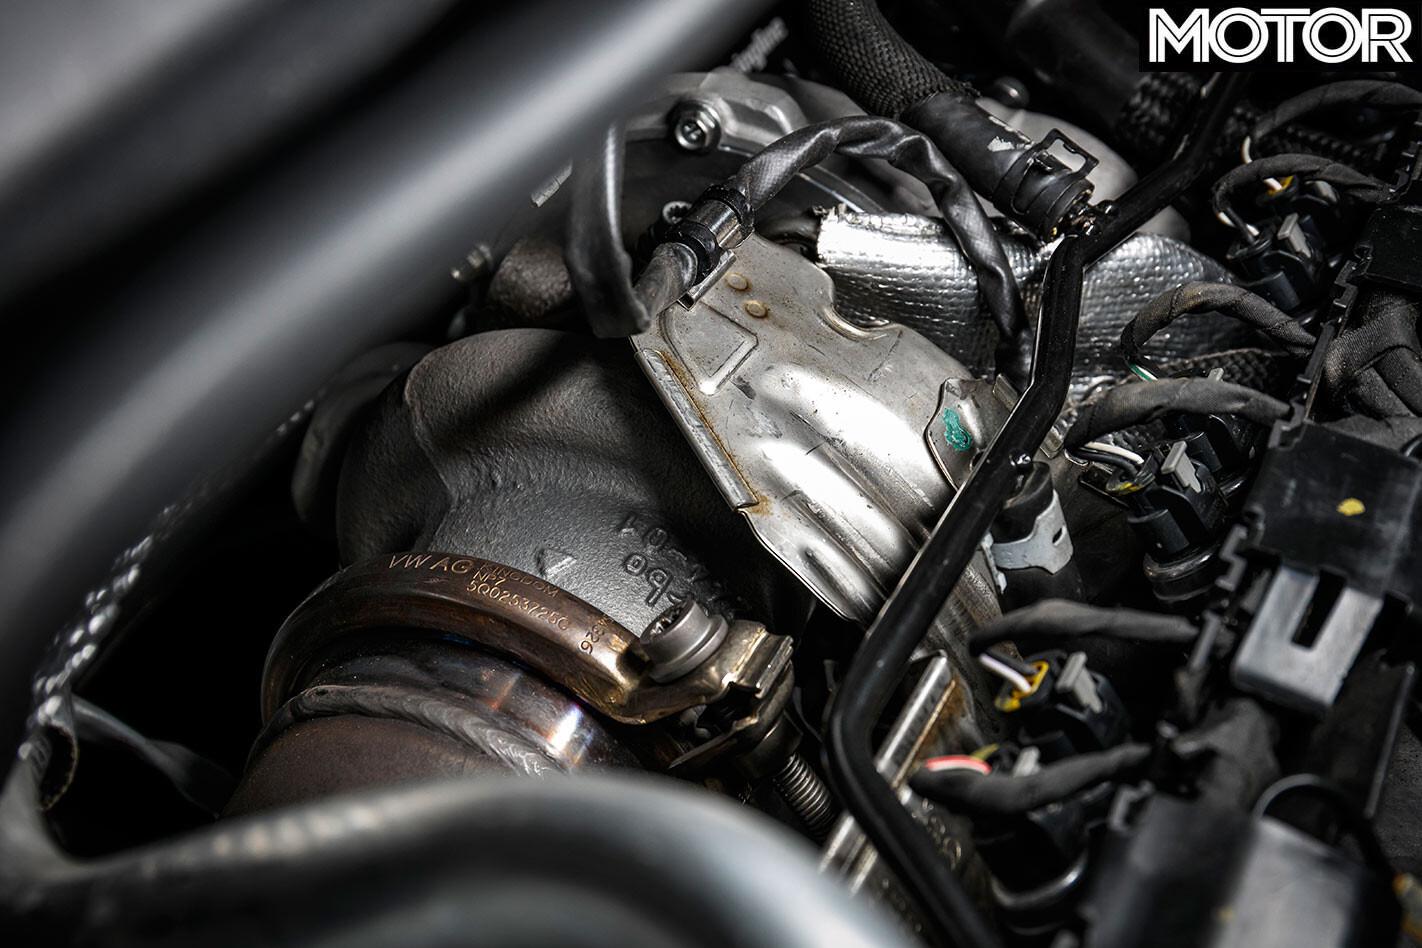 VW Golf R engine bay